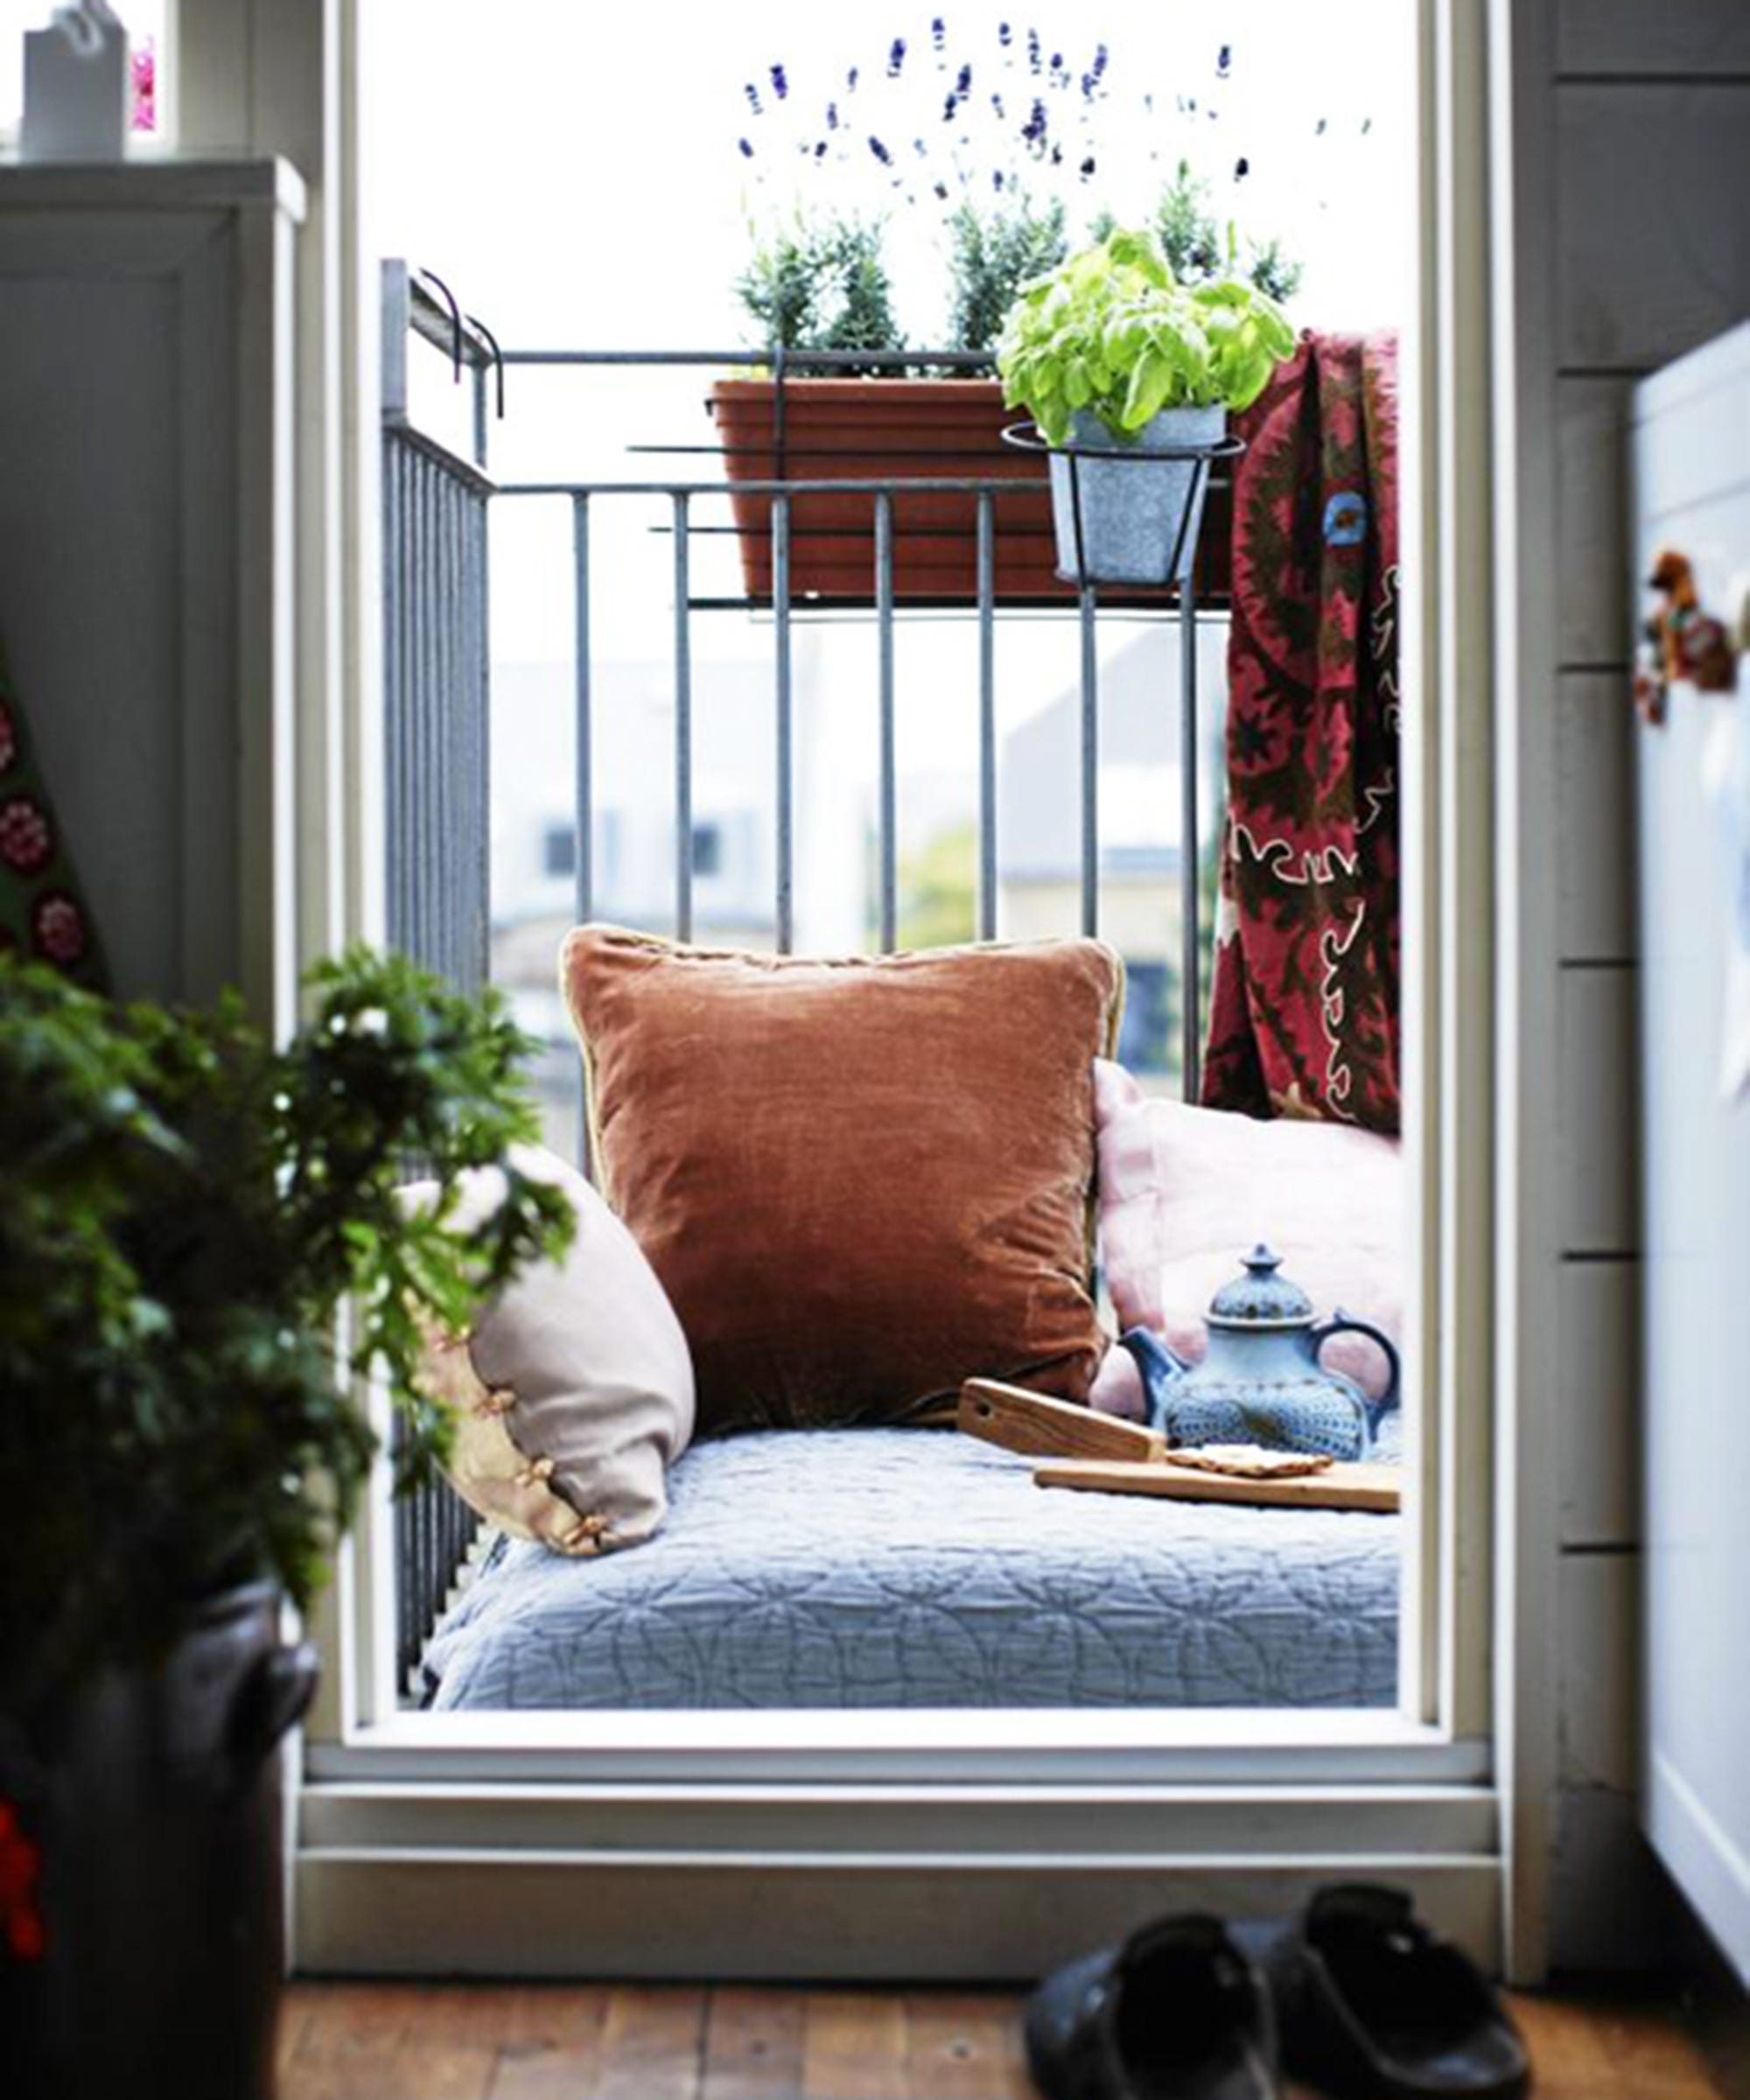 Идеи отделки балкона - фото-обзор 15 отличных решений.